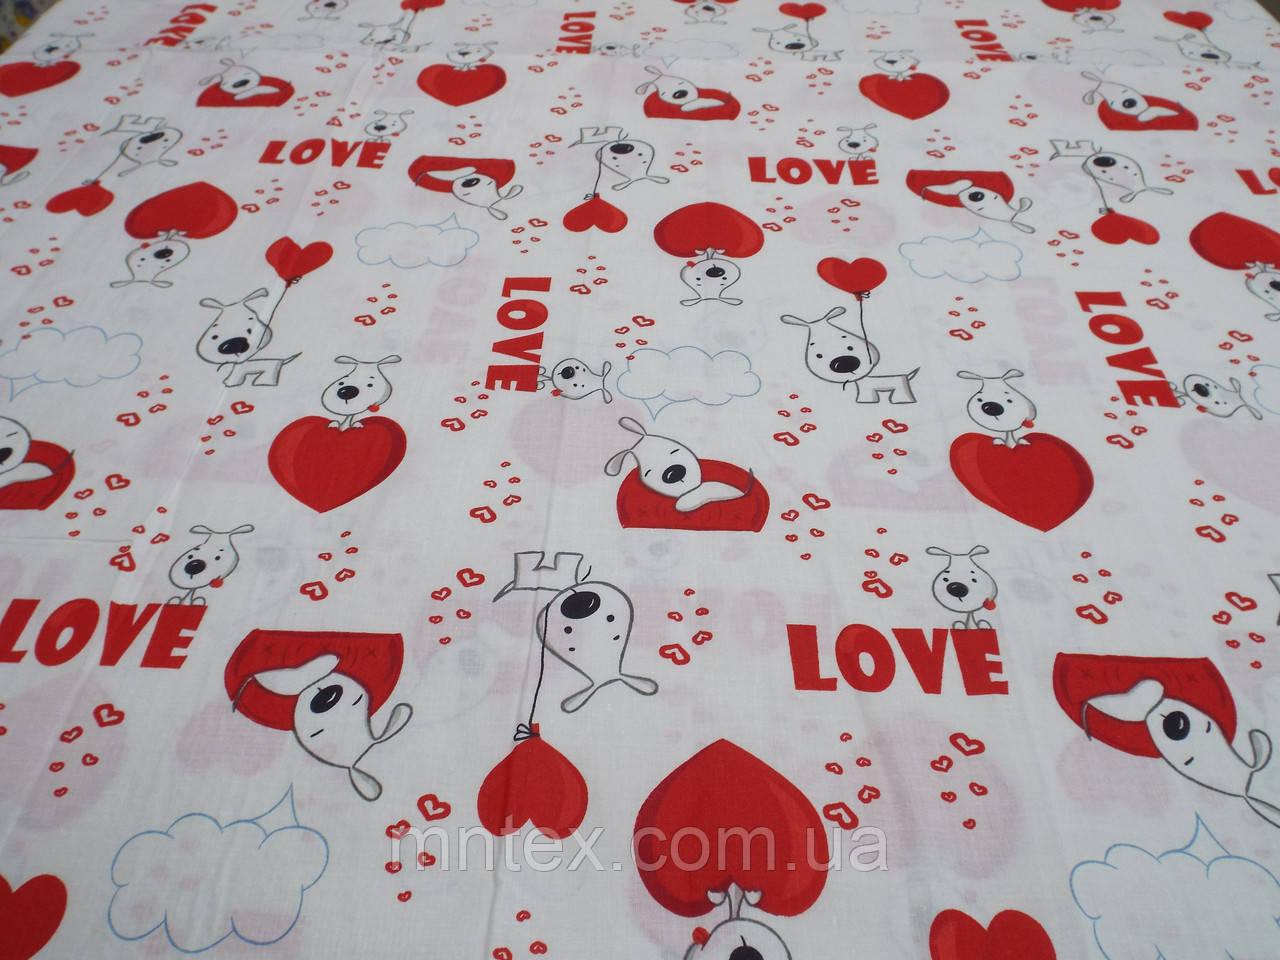 Ткань для пошива постельного белья бязь голд Love